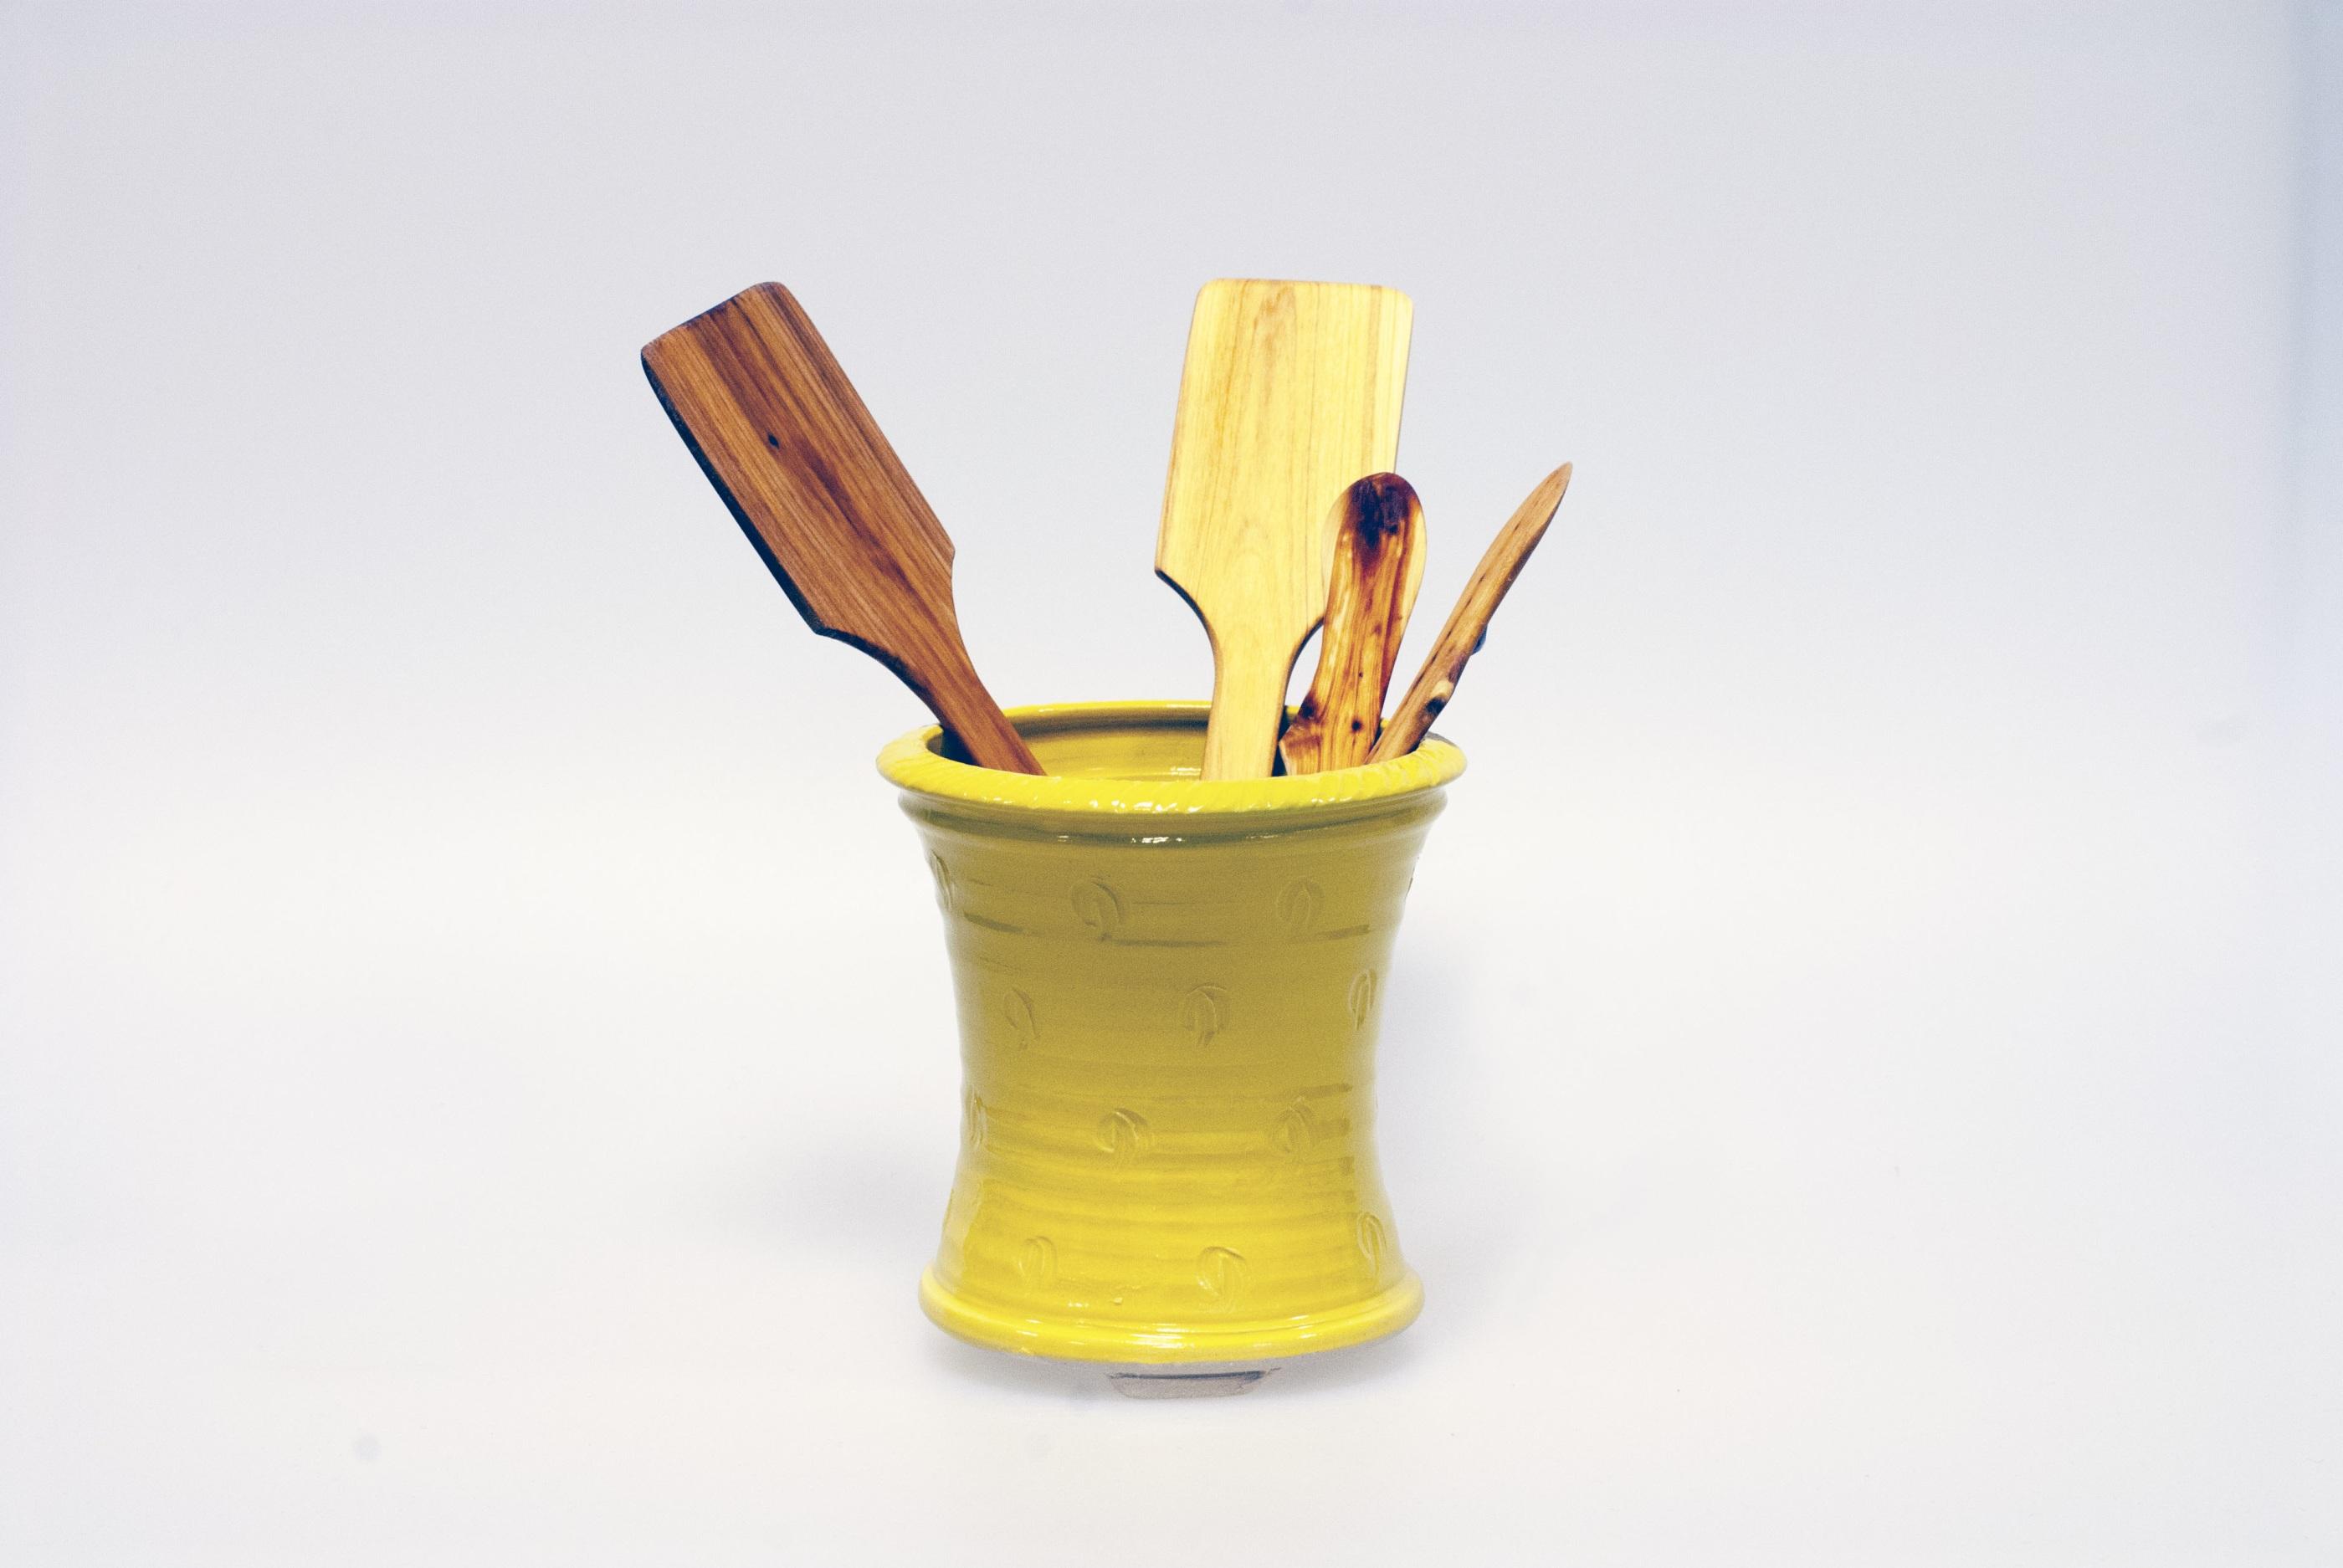 Handsnidad smörkniv och stekspade i handdrejat diskställ